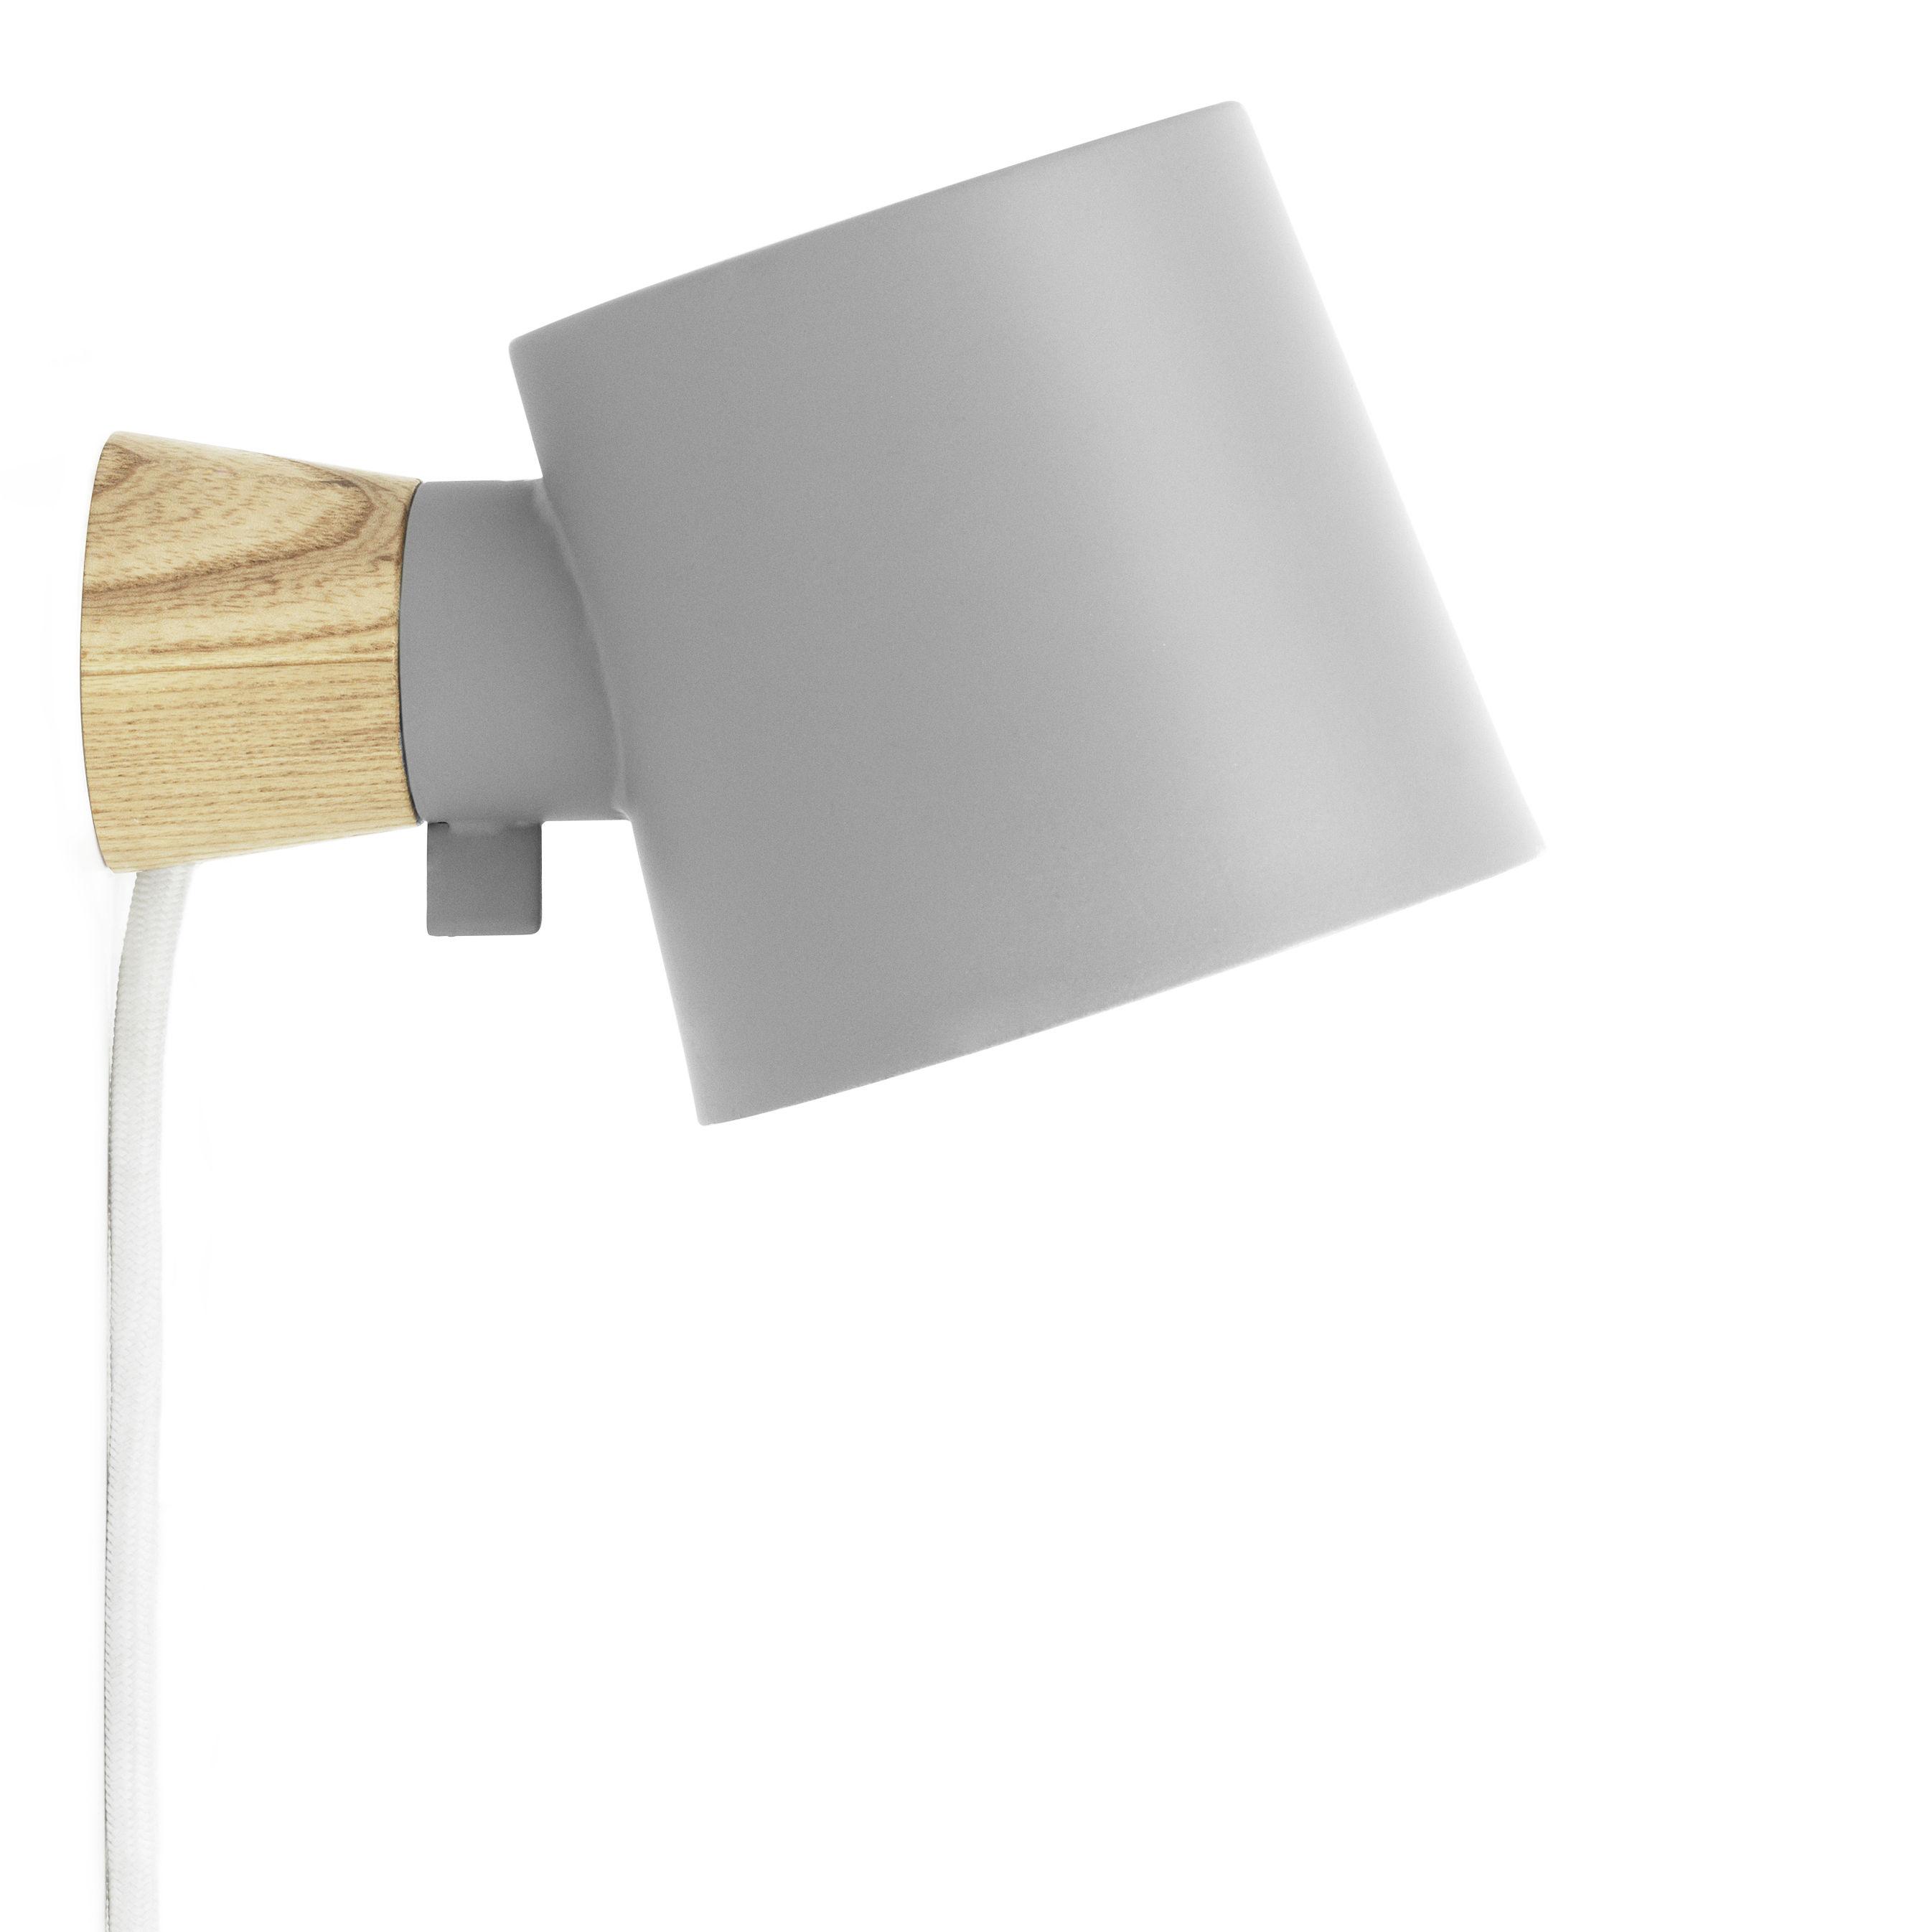 Luminaire - Appliques - Applique avec prise Rise / Orientable - Bois & métal - Normann Copenhagen - Gris / Bois - Frêne massif, Métal laqué